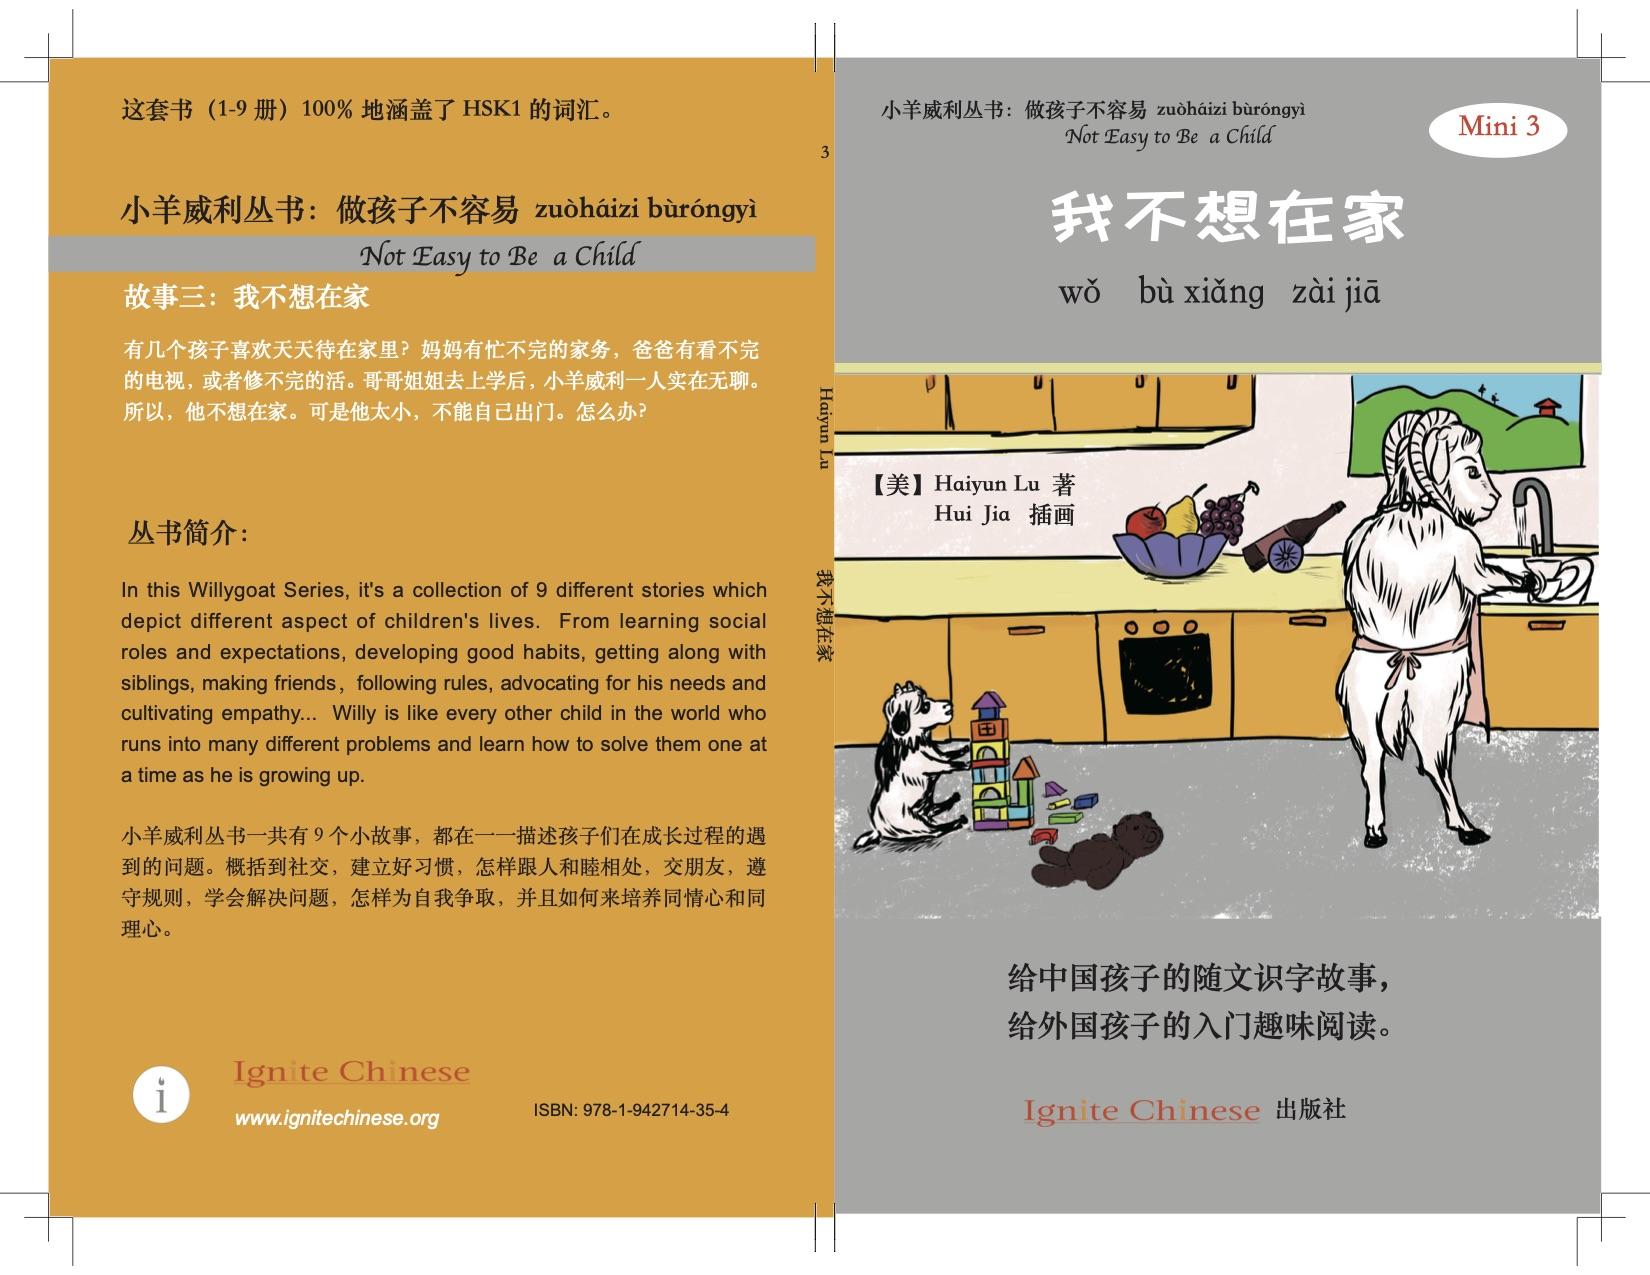 Ignite Chinese Blog